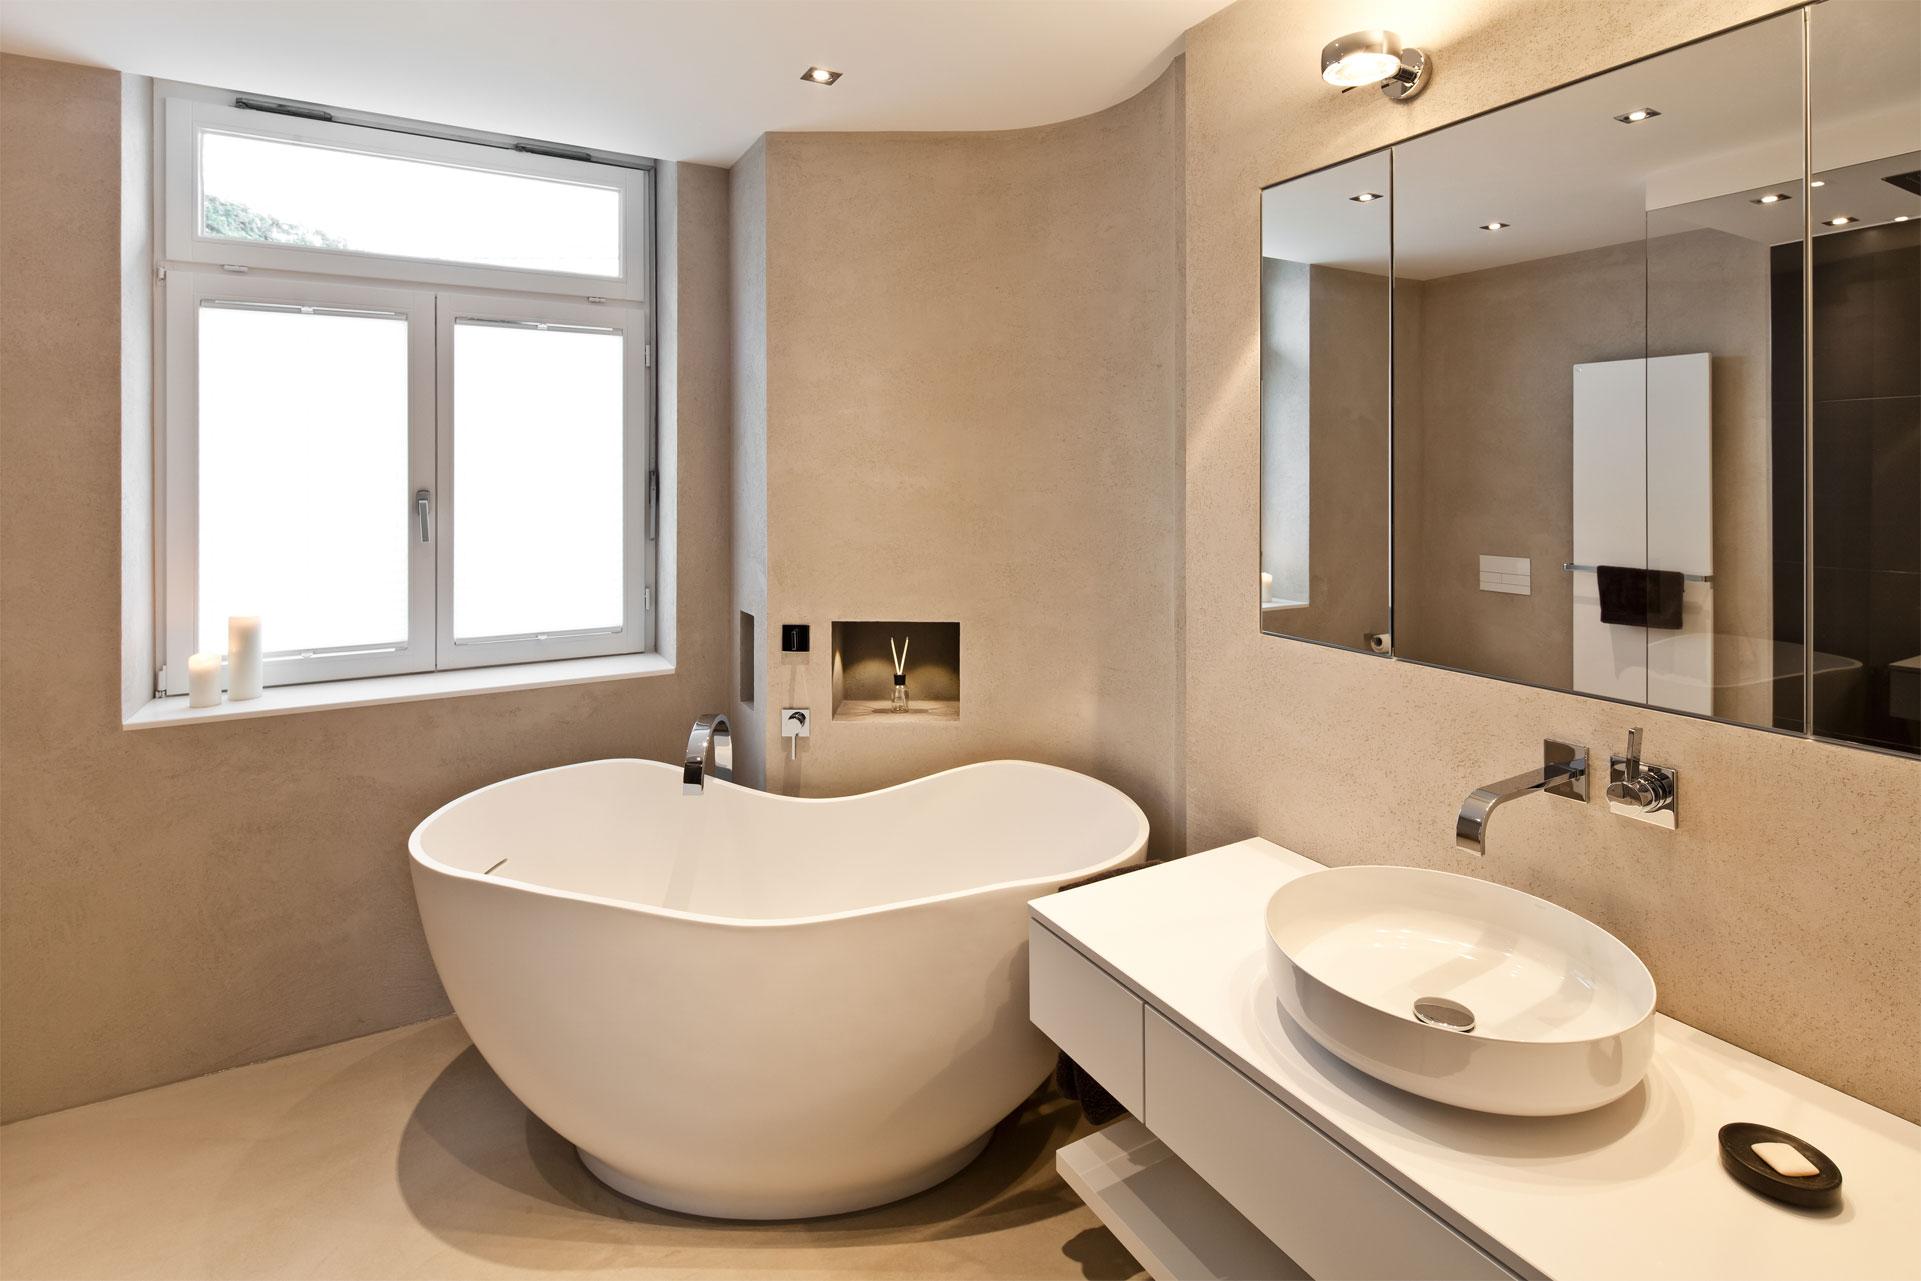 Bezaubernd Badezimmer Badewanne Sammlung Von Gemütliches Mit Freistehender